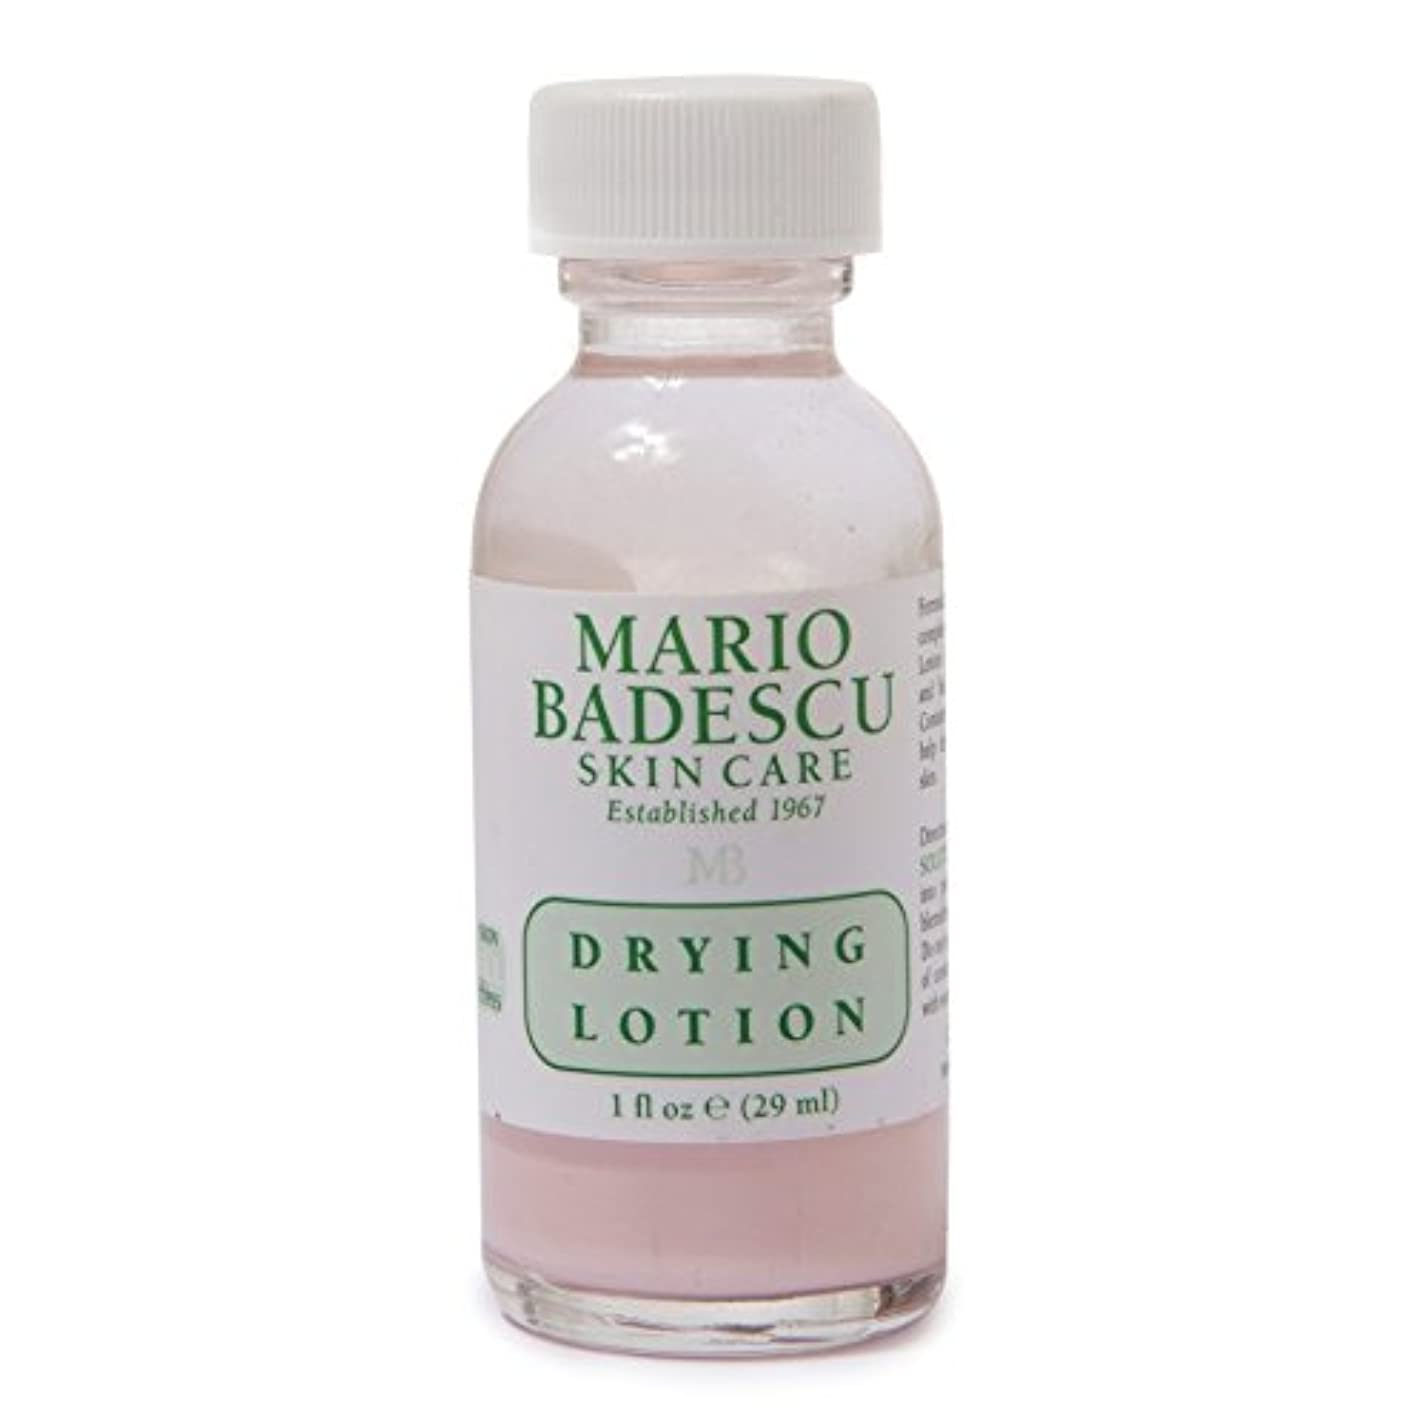 ブランド名バイバイアニメーションマリオ乾燥ローション29ミリリットル x2 - Mario Badescu Drying Lotion 29ml (Pack of 2) [並行輸入品]